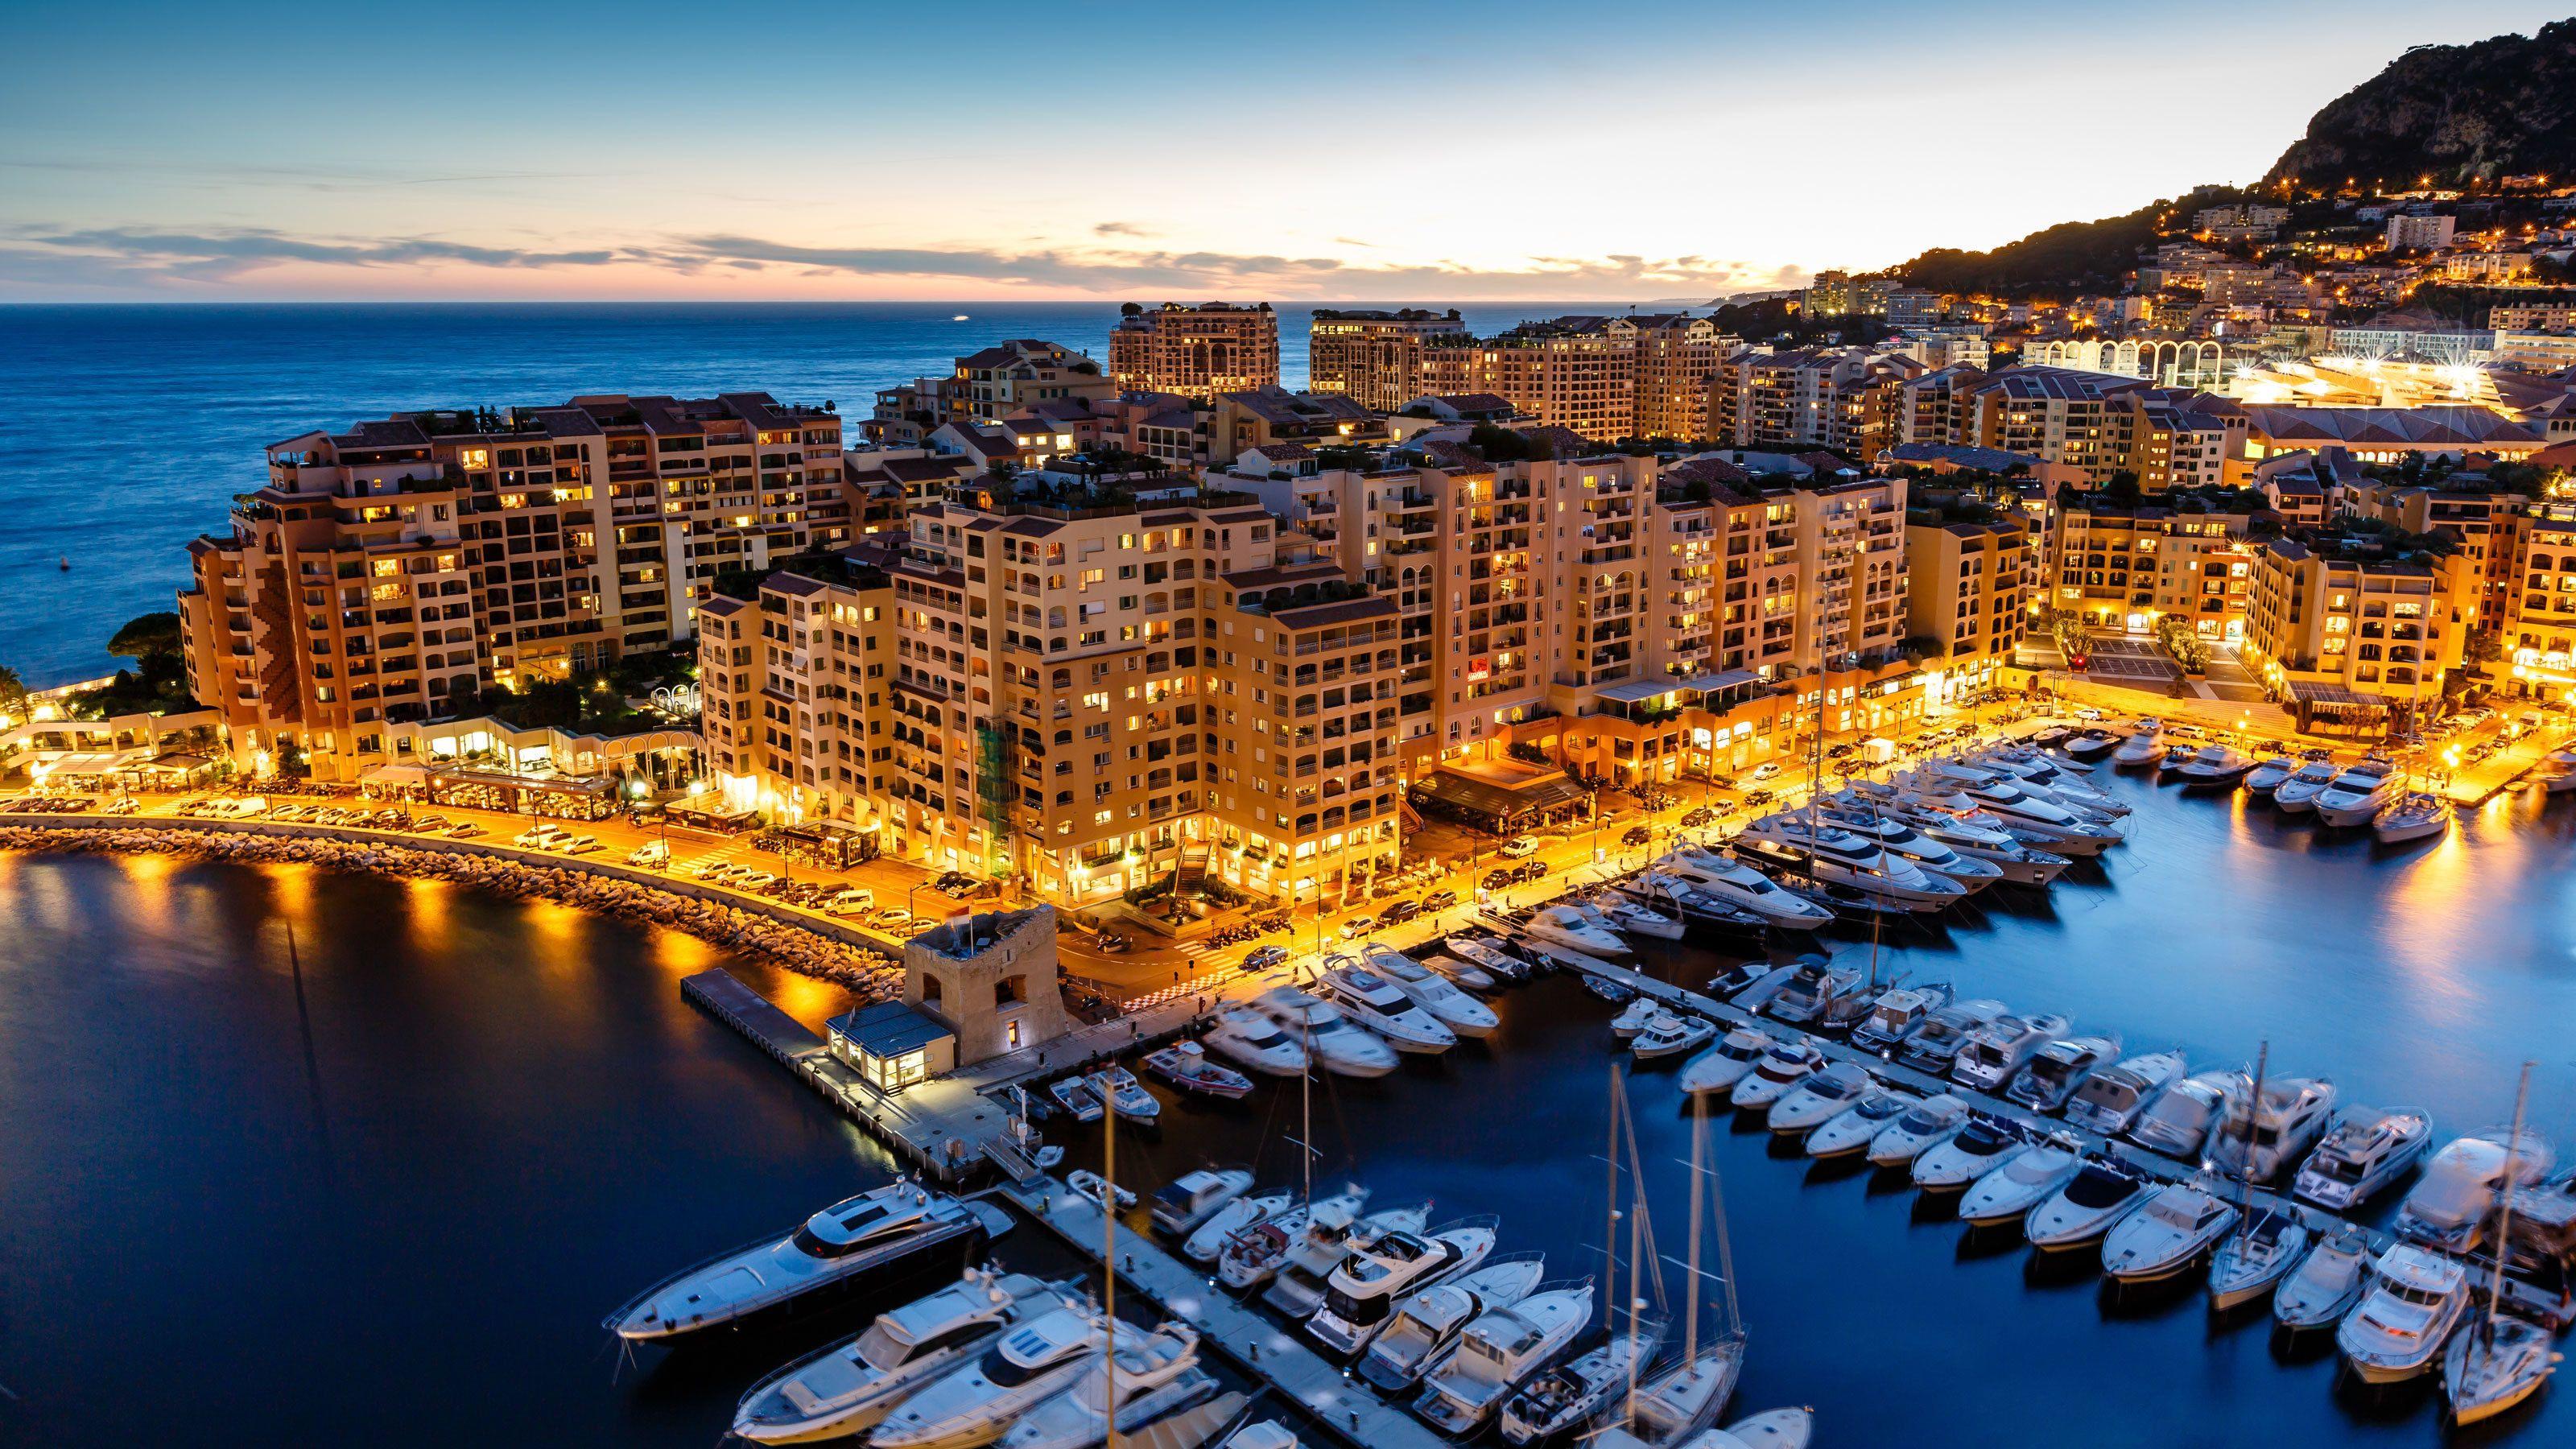 Night dock view of Monaco